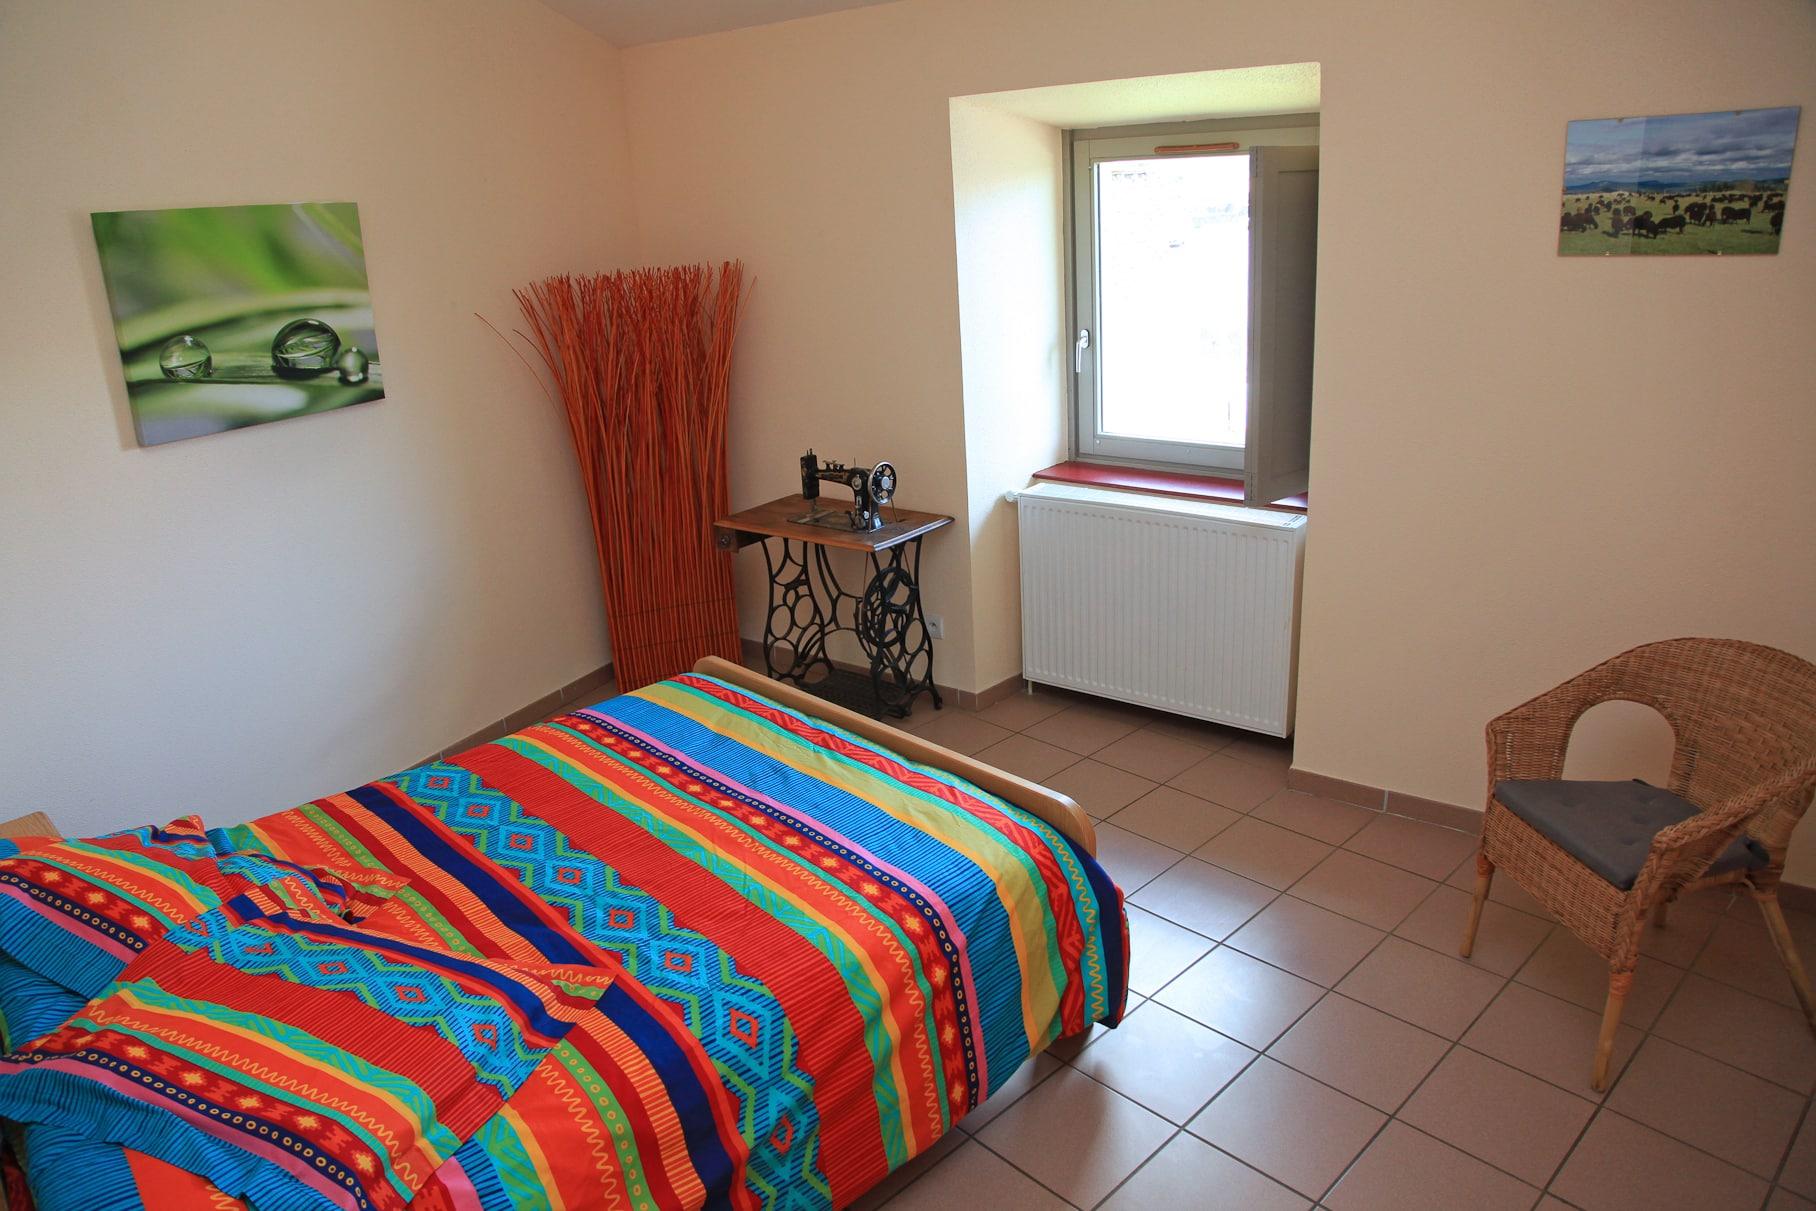 Pr sentation des chambres g te la retirade - Quelle huile essentielle contre les punaises de lit ...